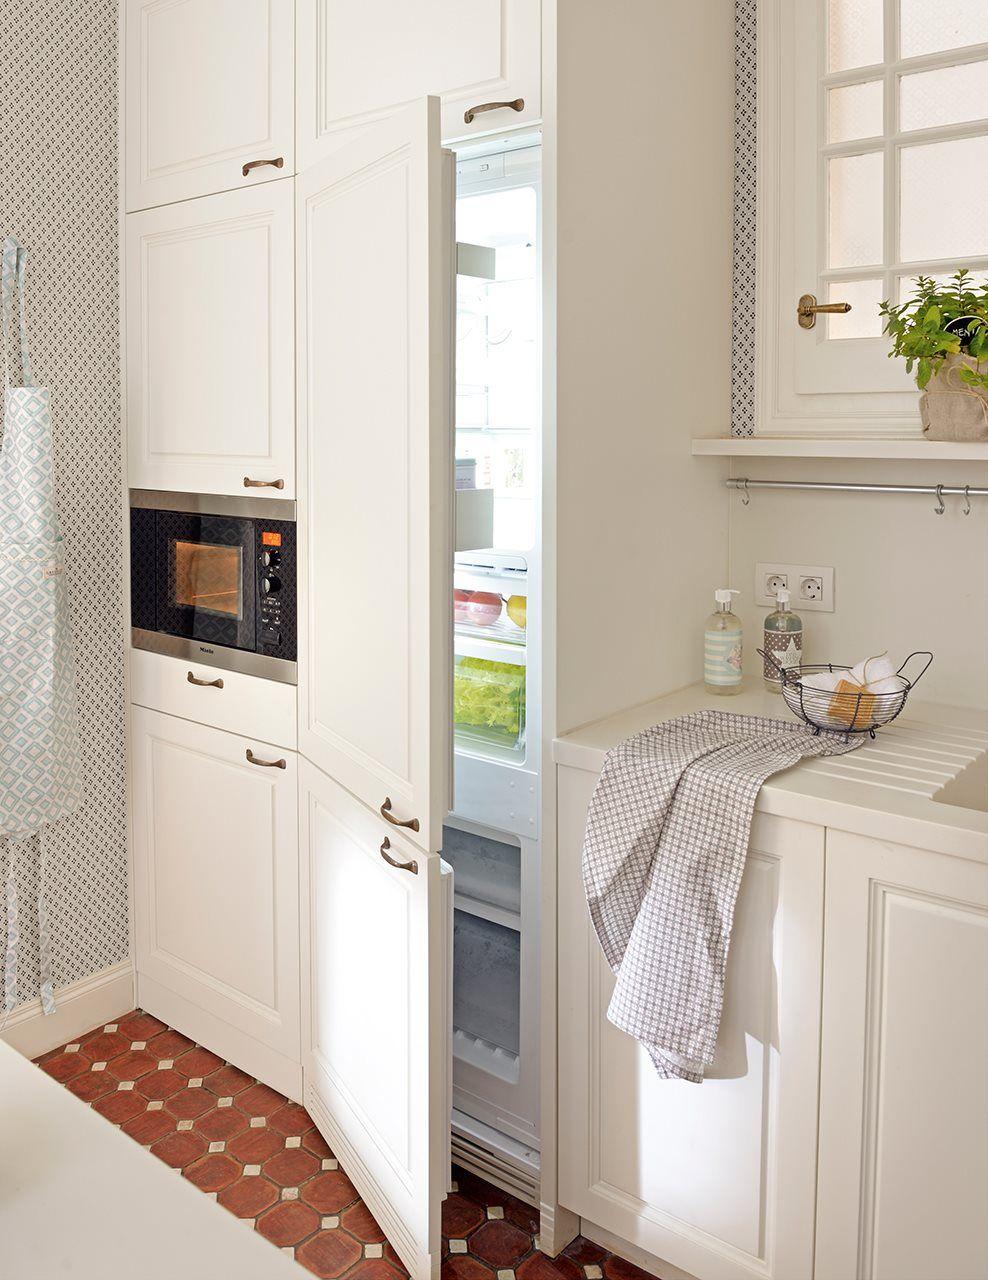 Una cocina pequeña... ¡y perfecta! · ElMueble.com · Cocinas y baños ...